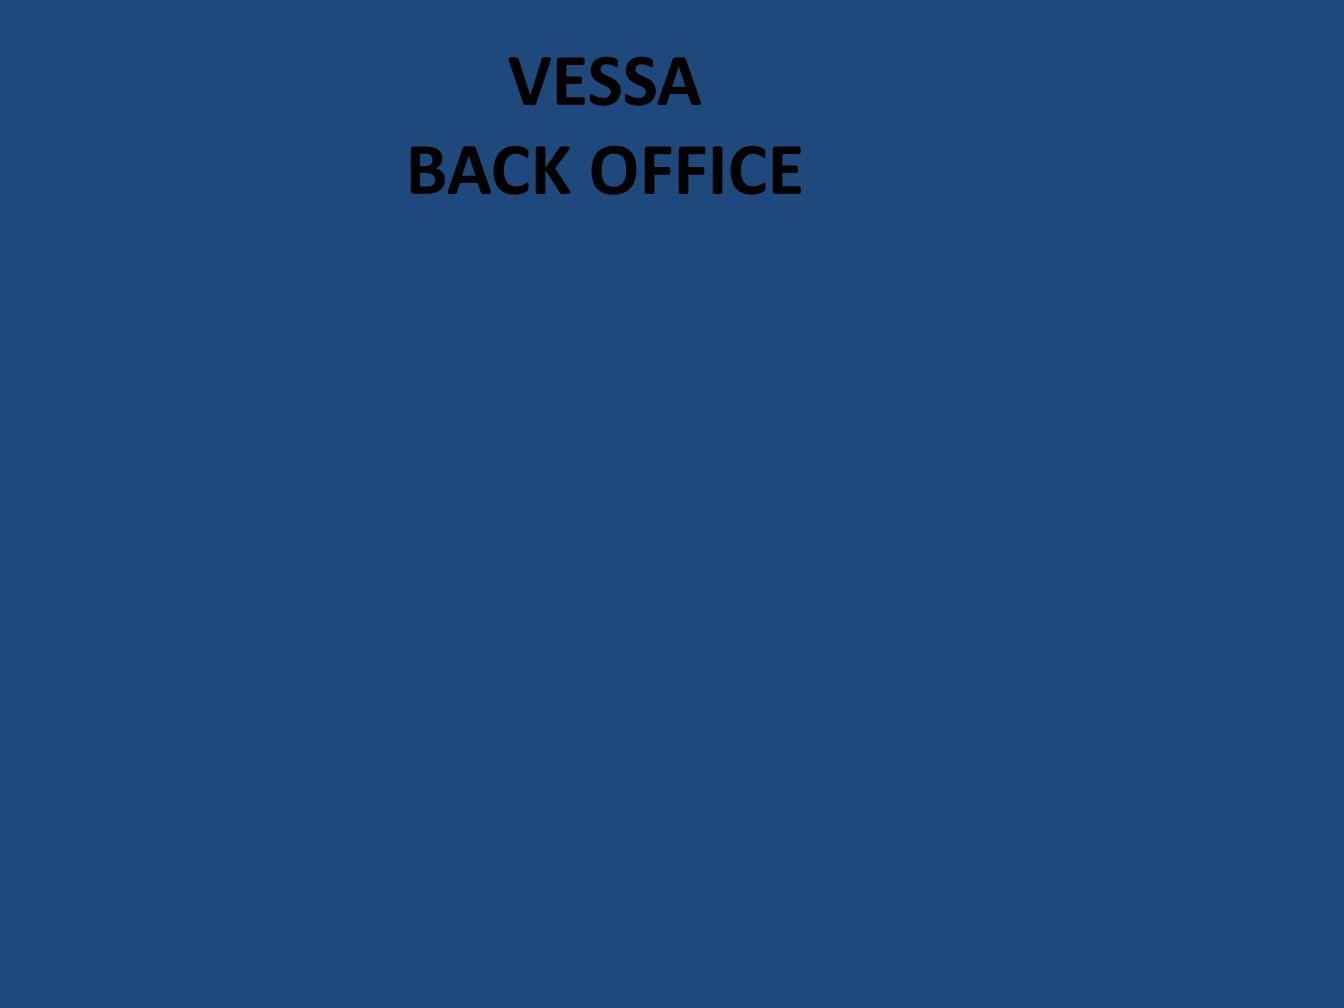 VESSA BACK OFFICE